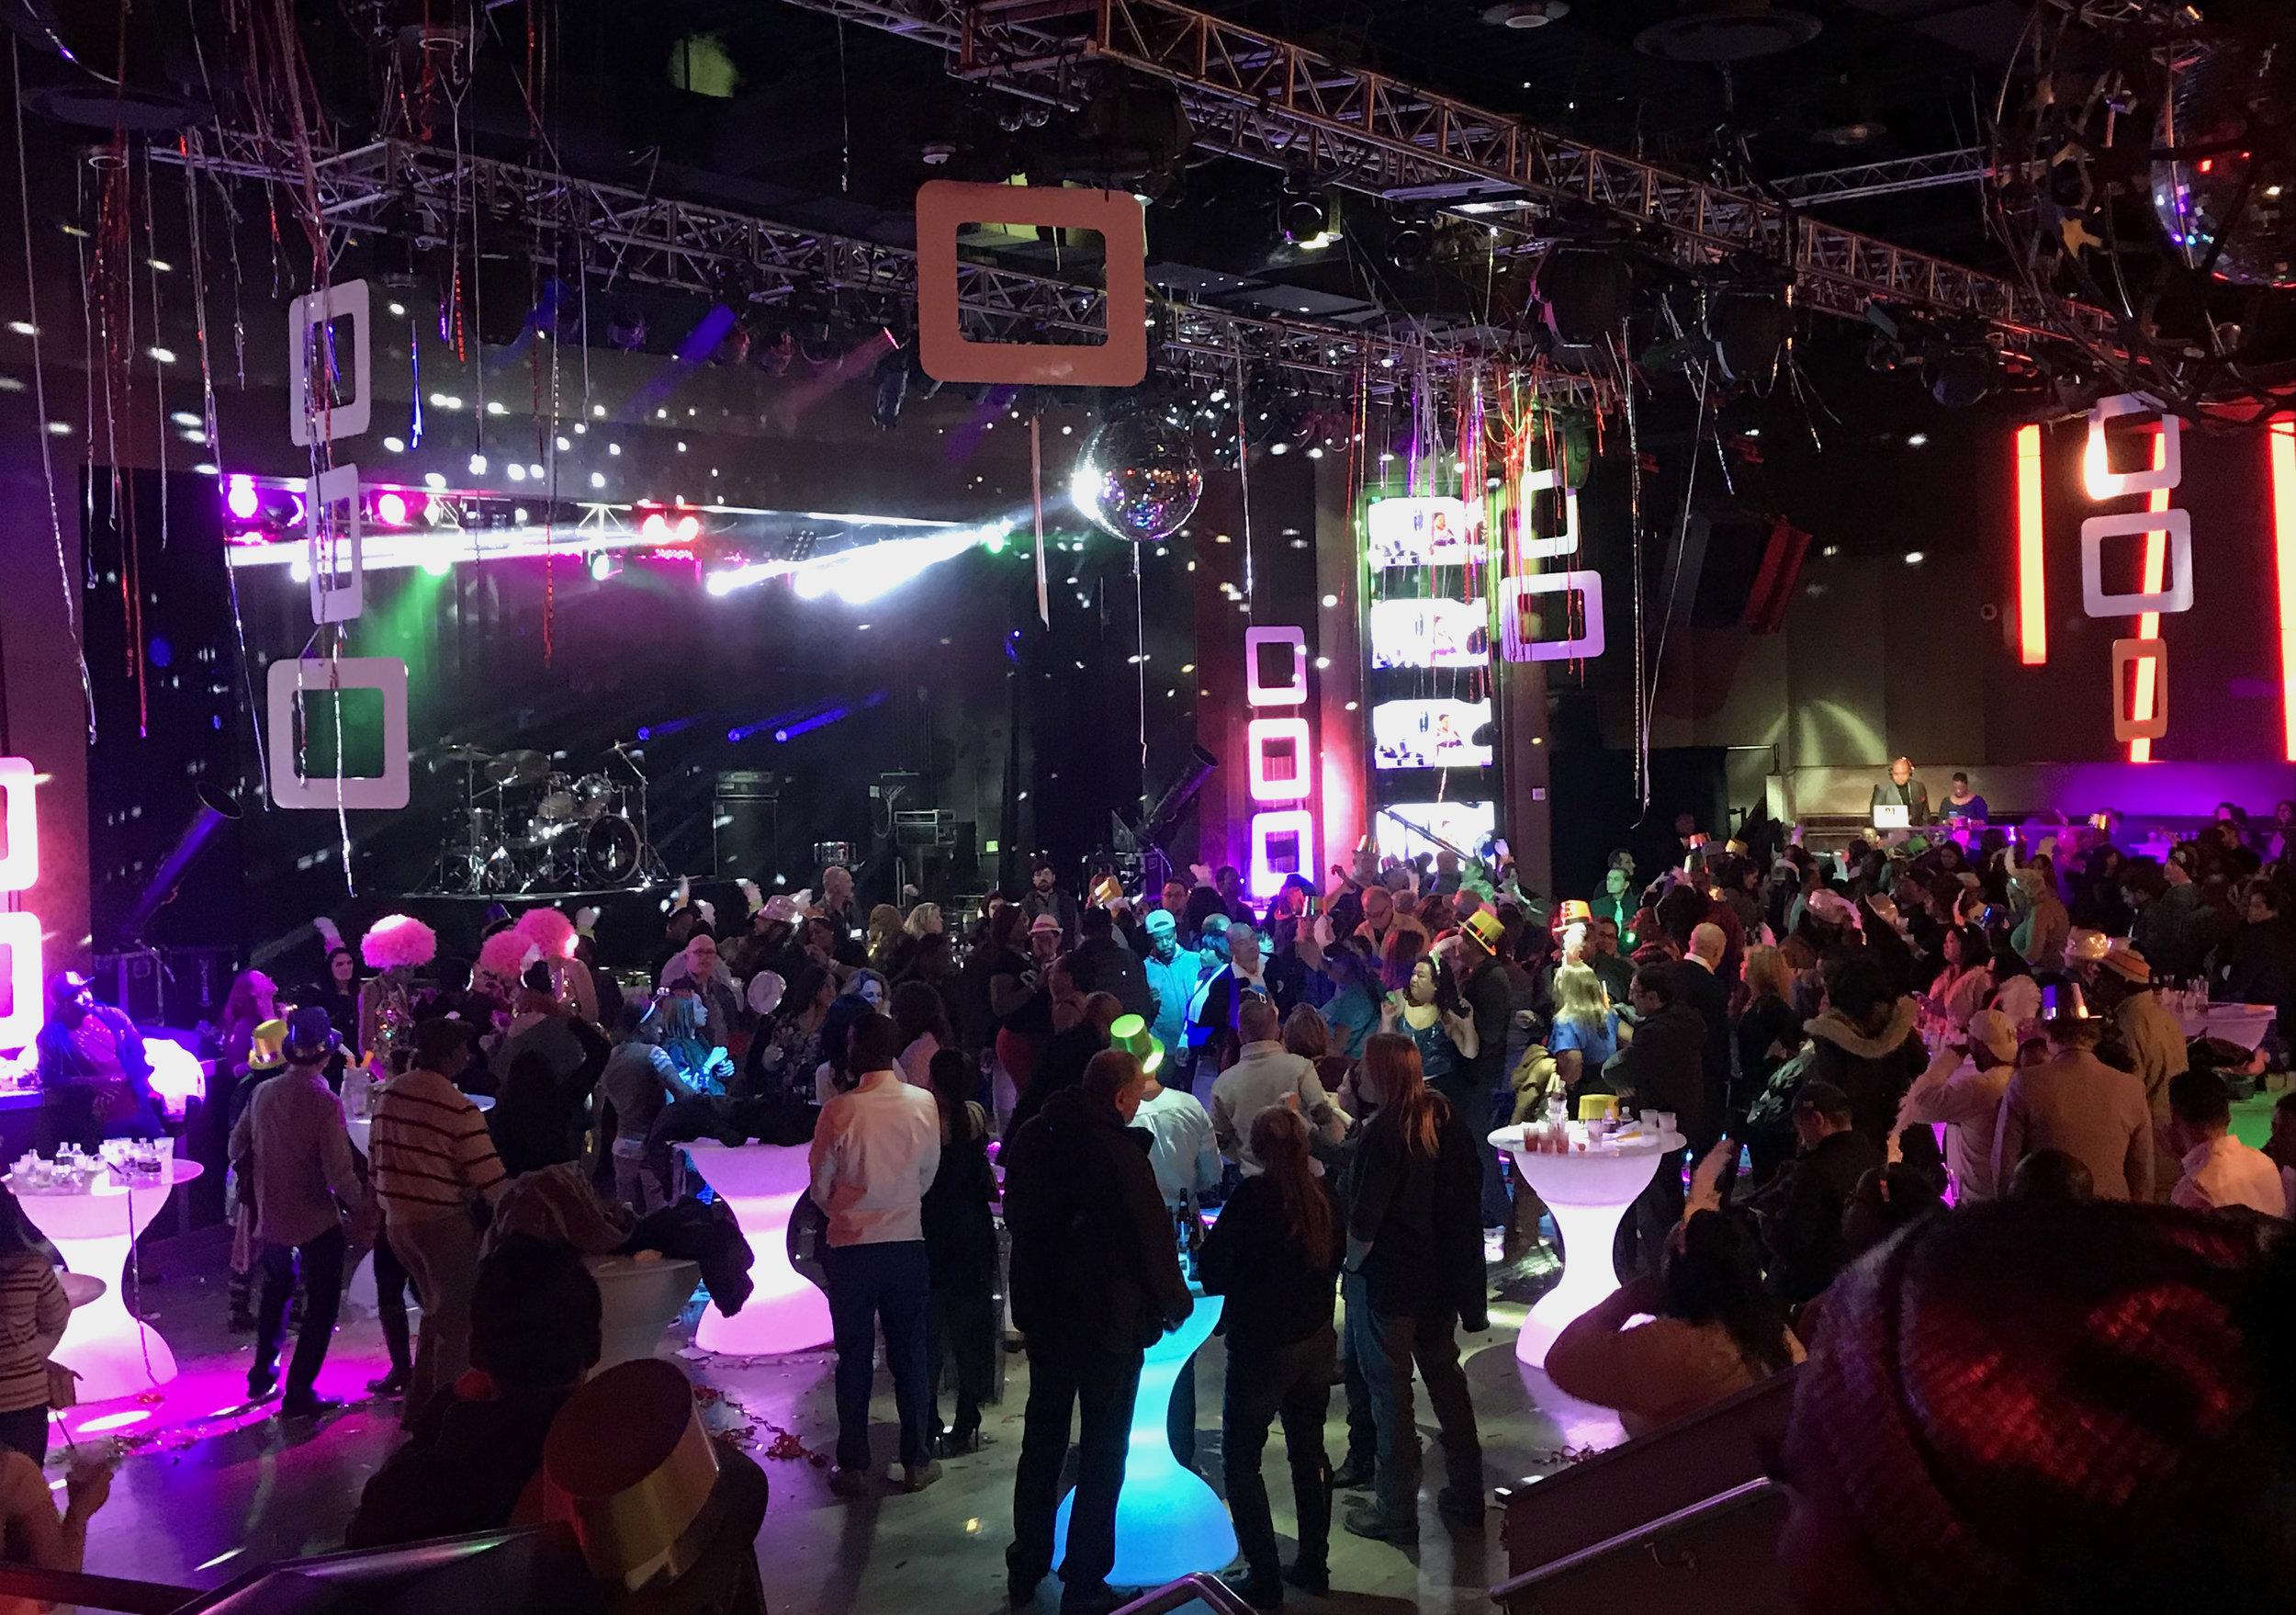 Centerstage_party.jpg